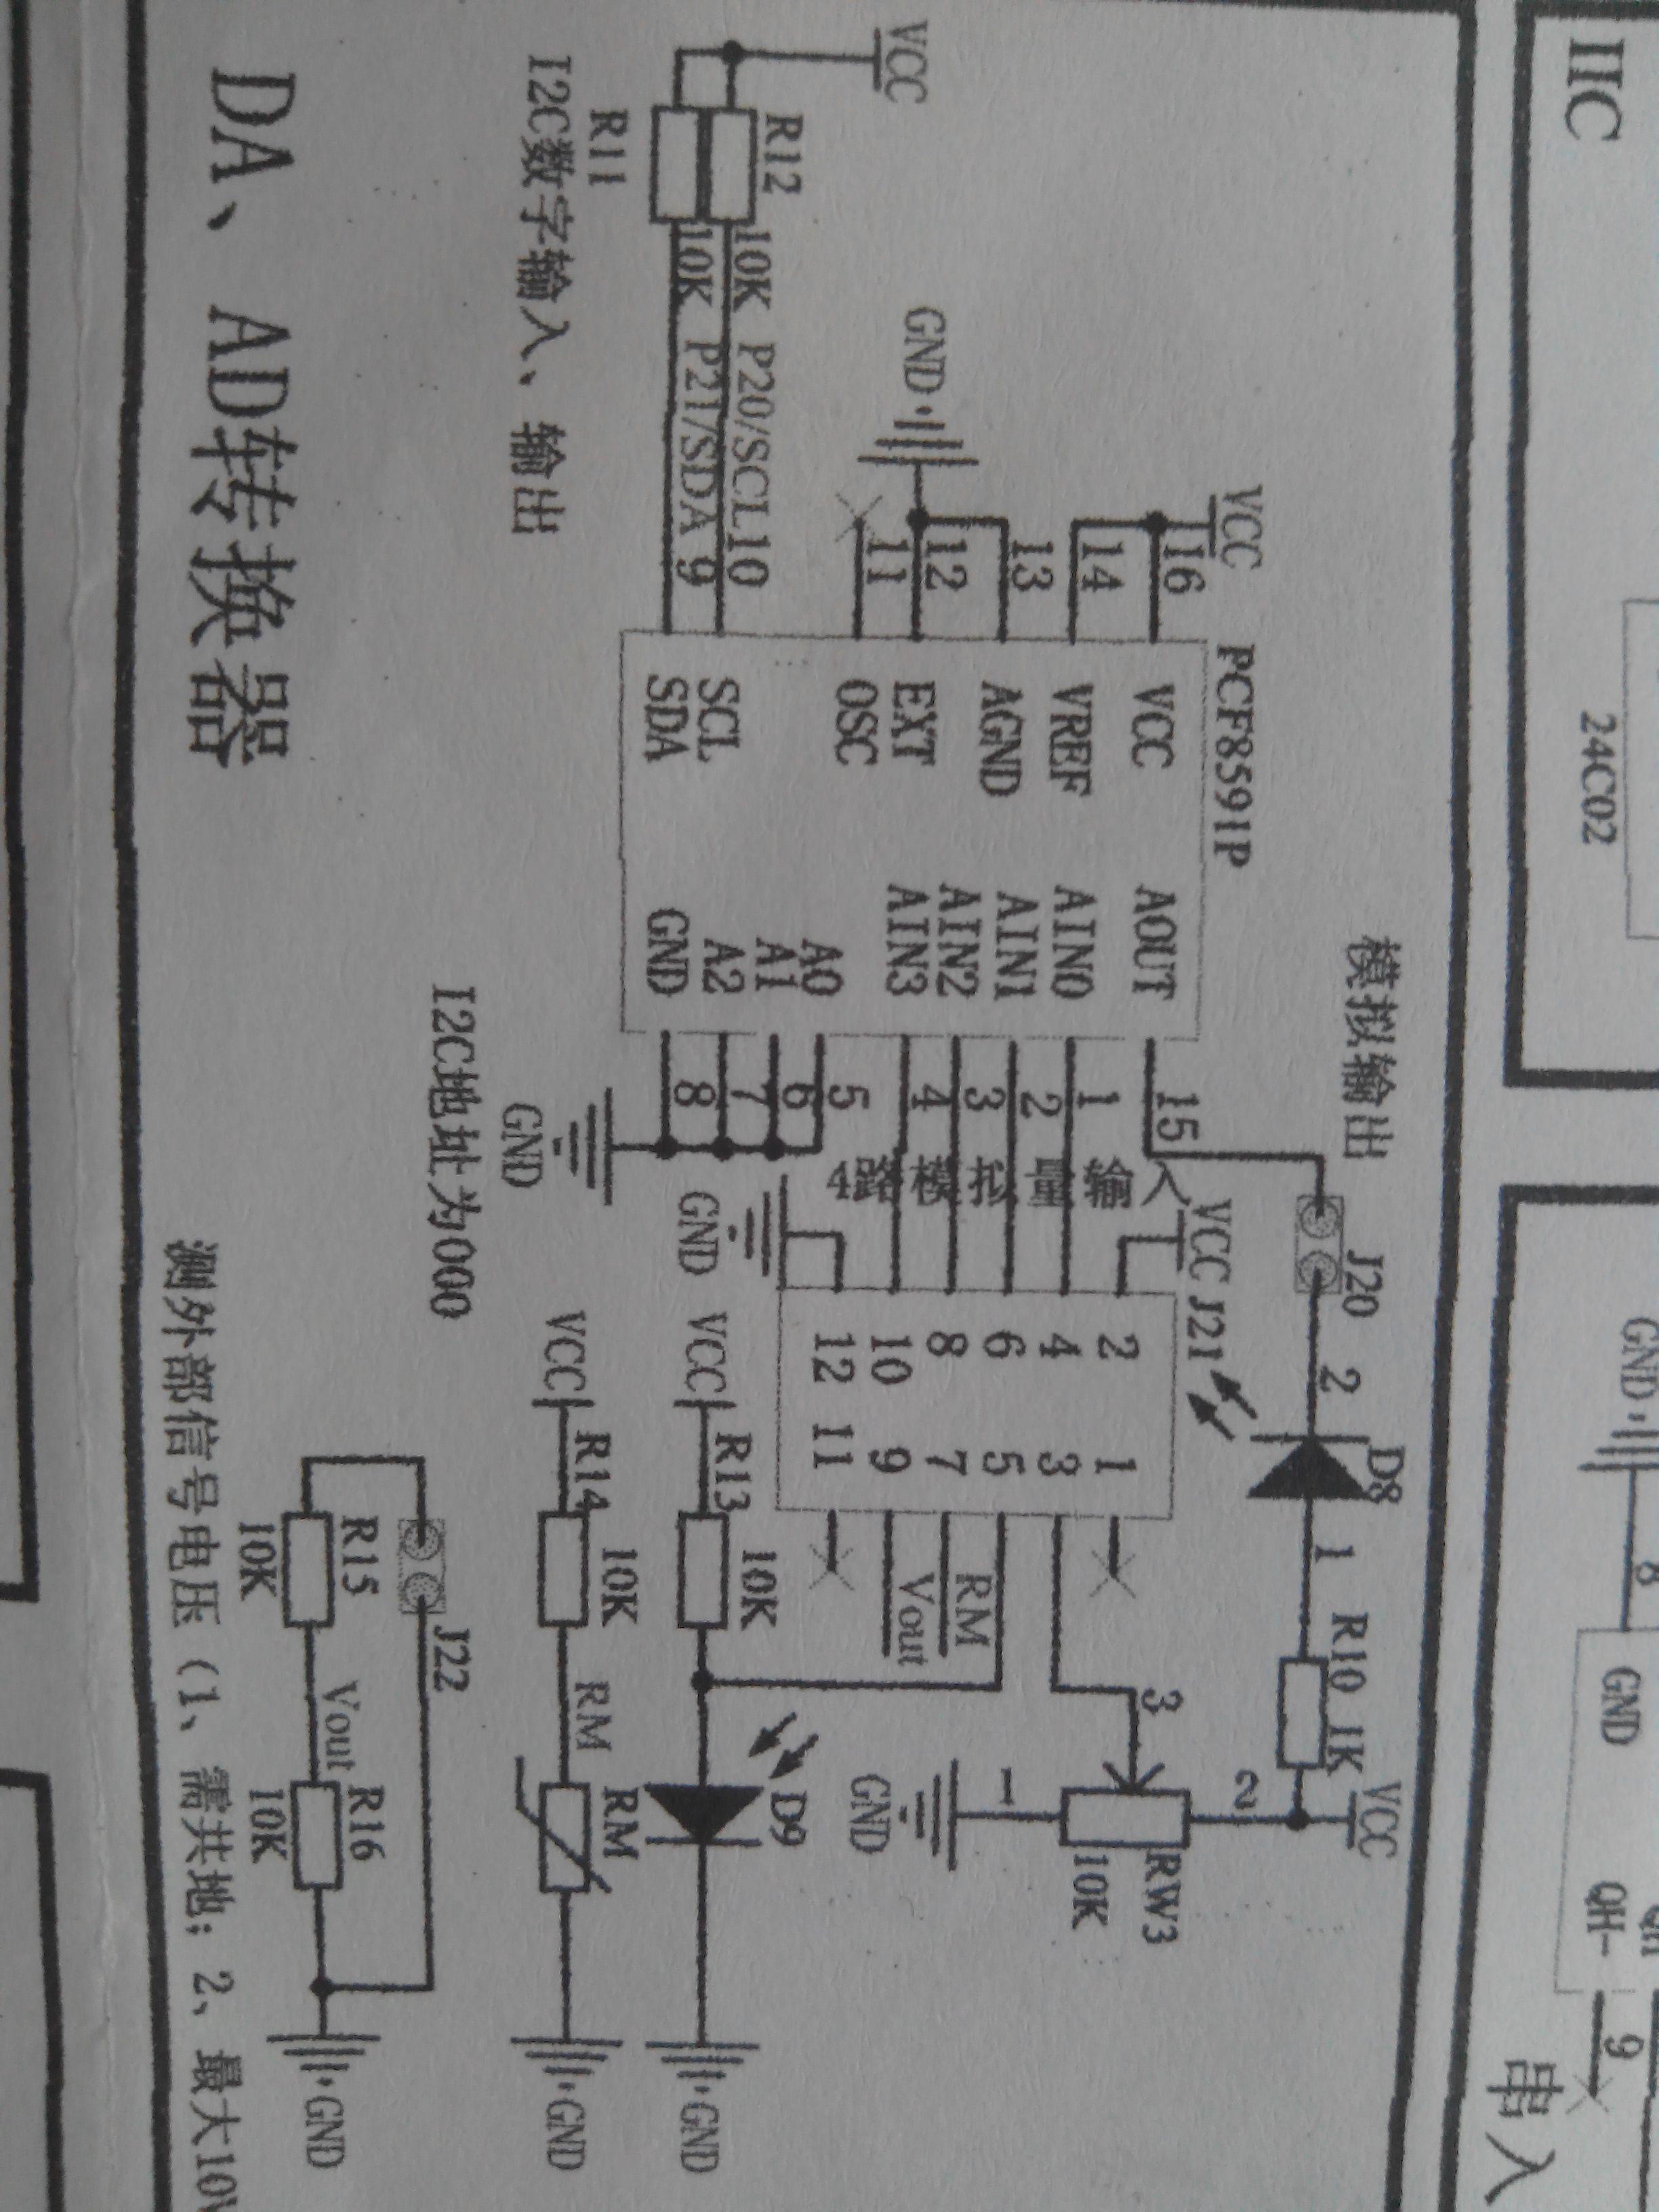 e45ada2f000229a4_求大神帮我写一个ada转换c程序 电路如下 单片机用的stc89c52